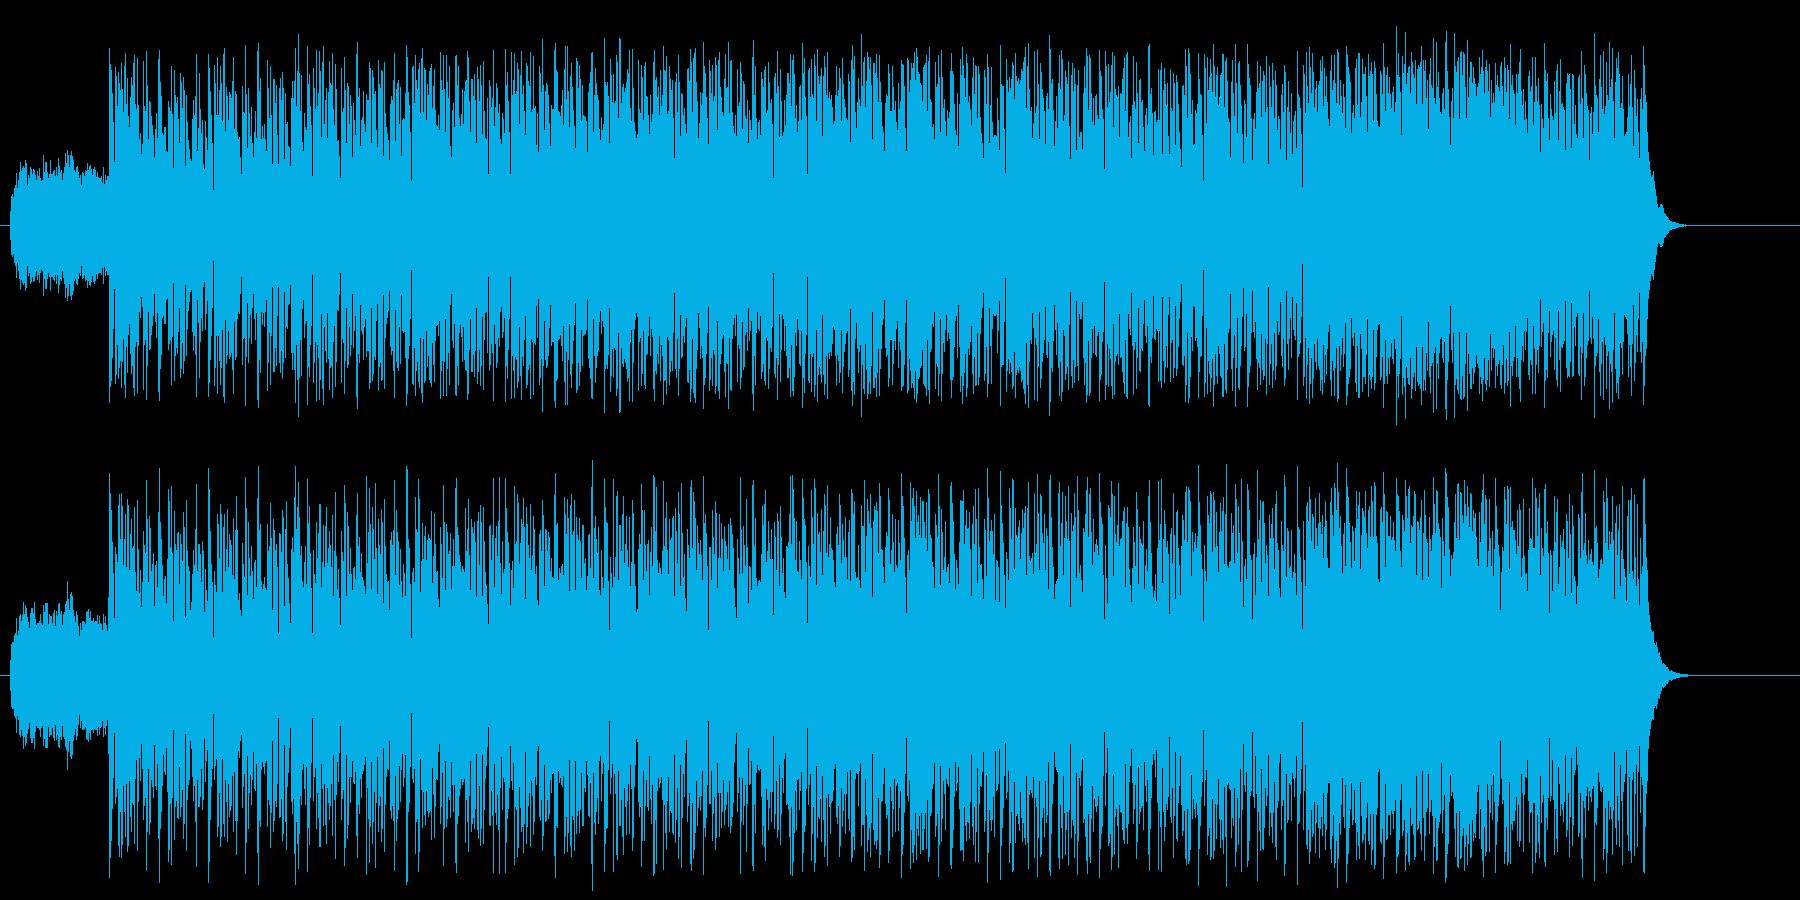 科学 報道 謎 躍動 神秘 宇宙 工業の再生済みの波形